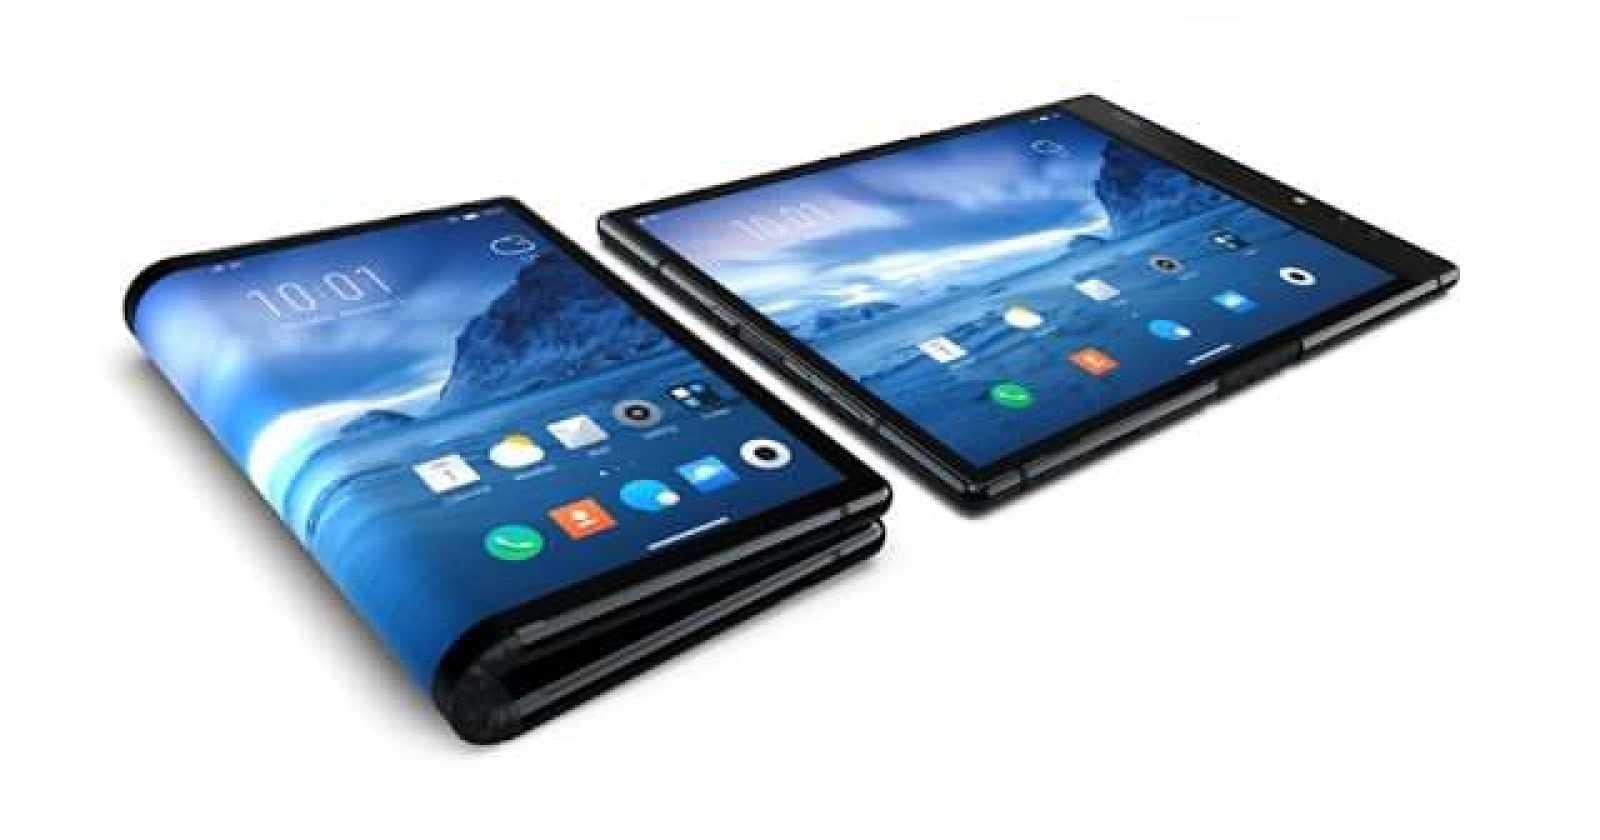 - ipadprophotoshop 8 - บริษัท Rayole เผยโฉม FlexPai สมาร์ทโฟนจอพับได้รุ่นแรกของโลก